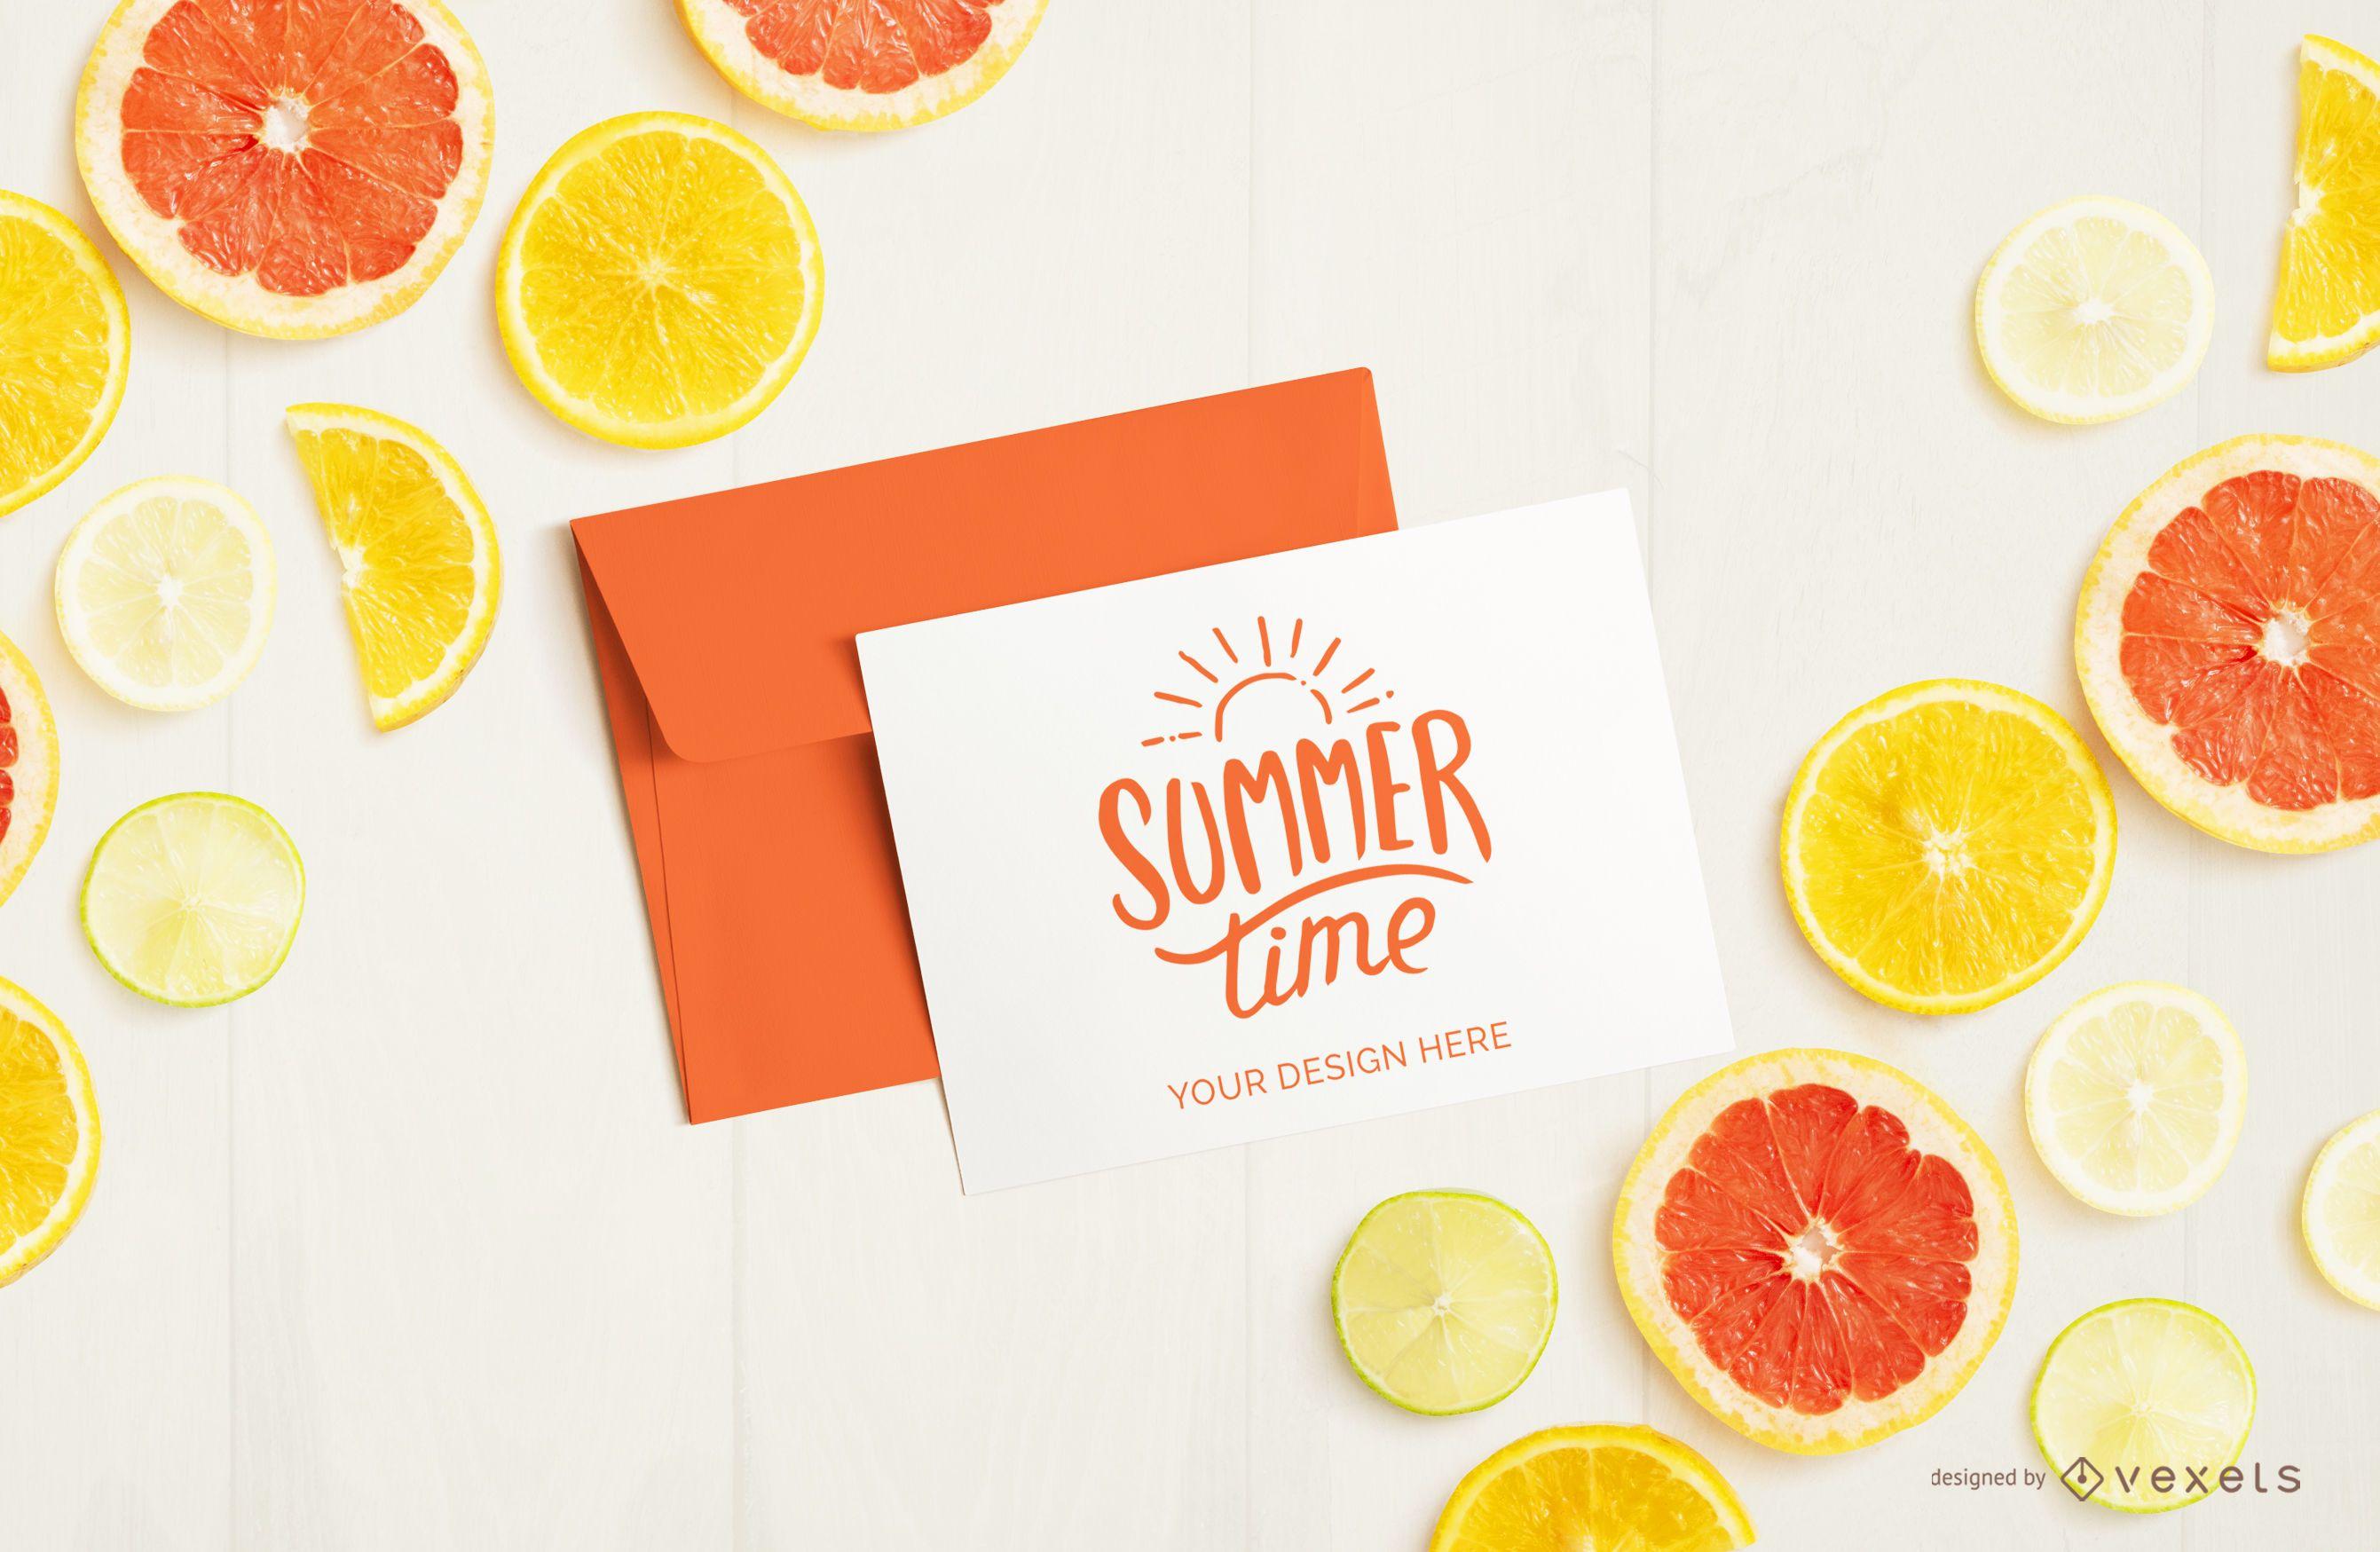 Letter and envelope fruits mockup